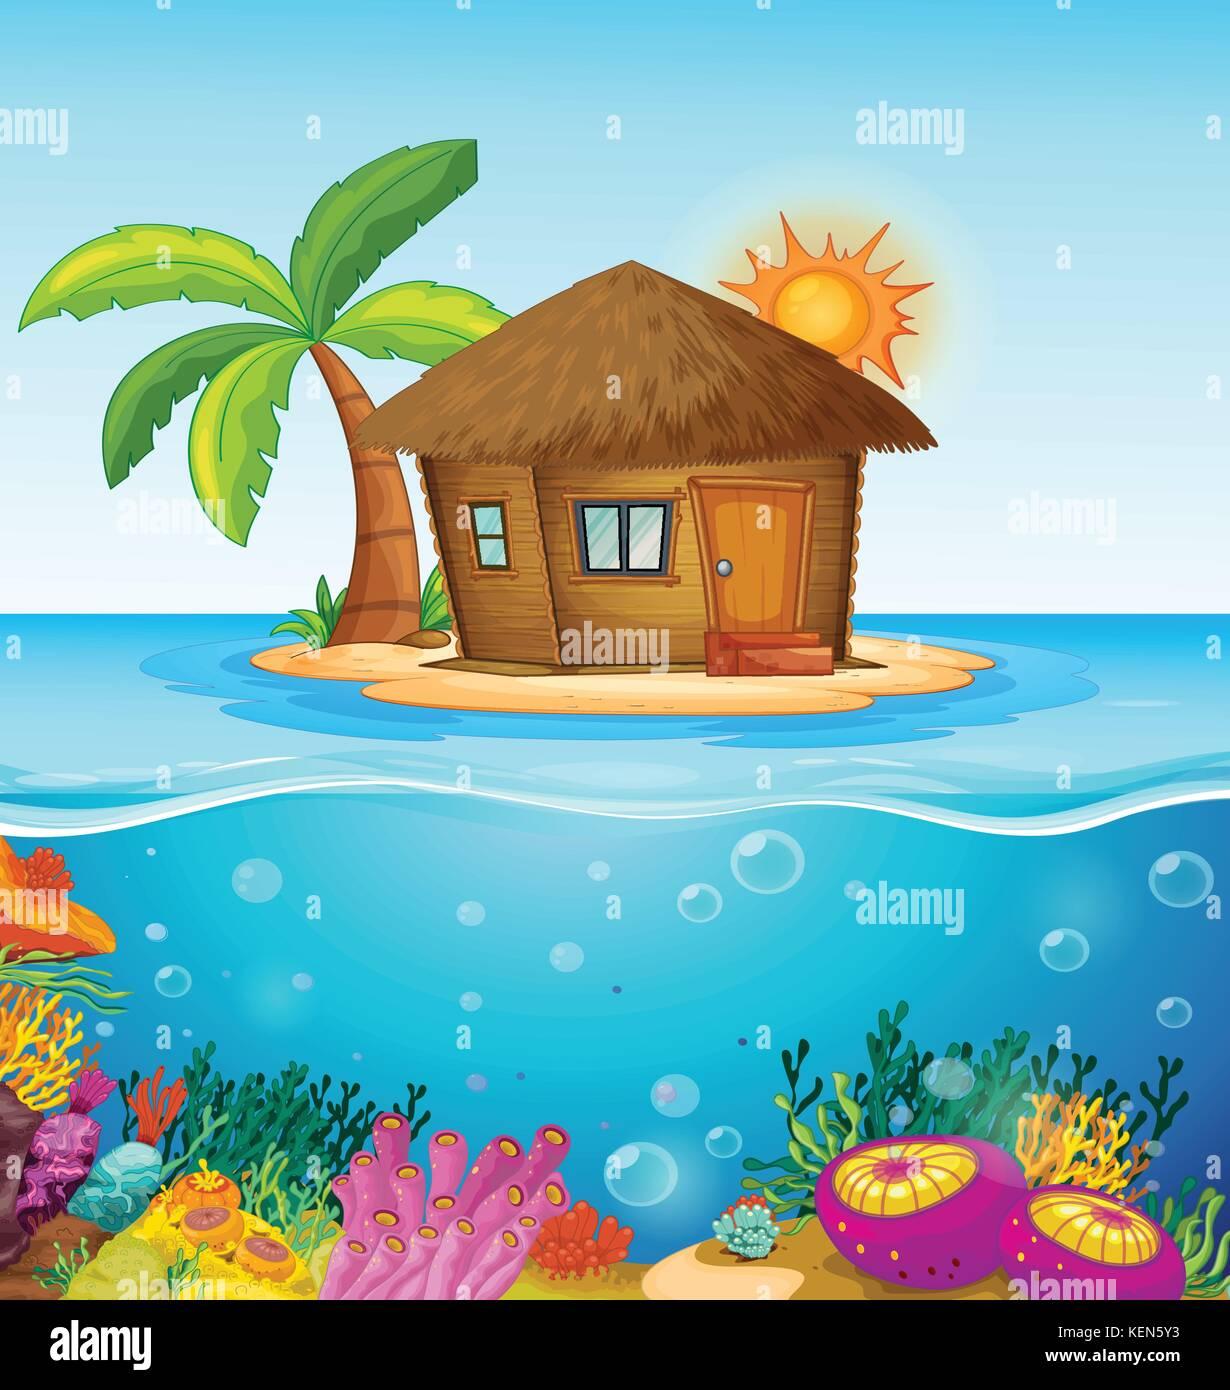 Illustrazione di una casa su un isola deserta illustrazione